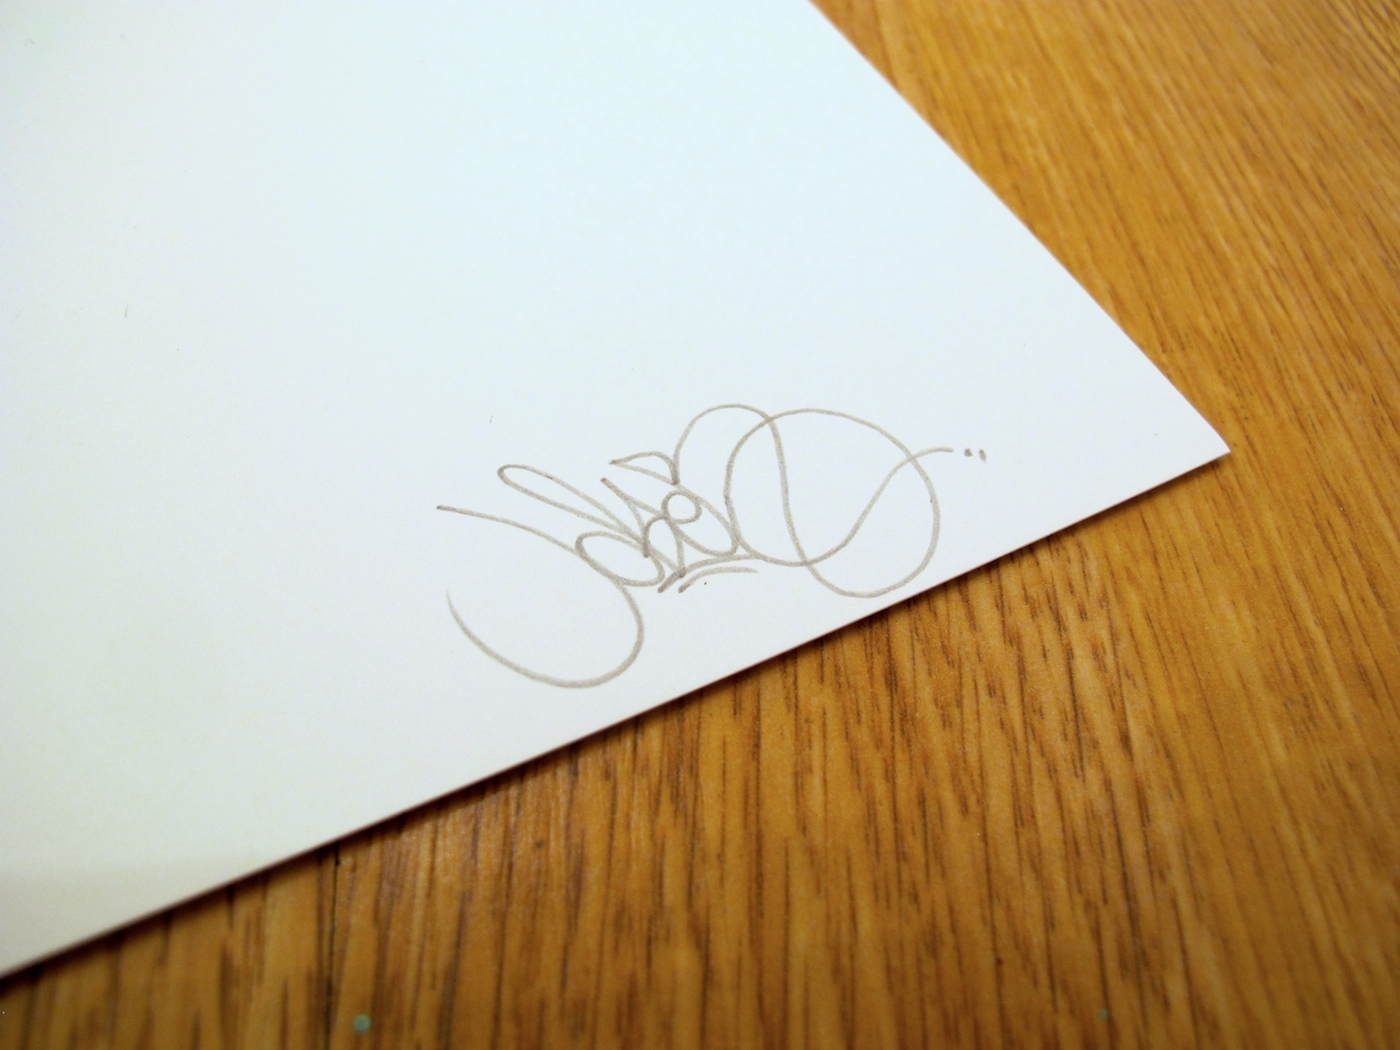 BONES_Signature.JPG